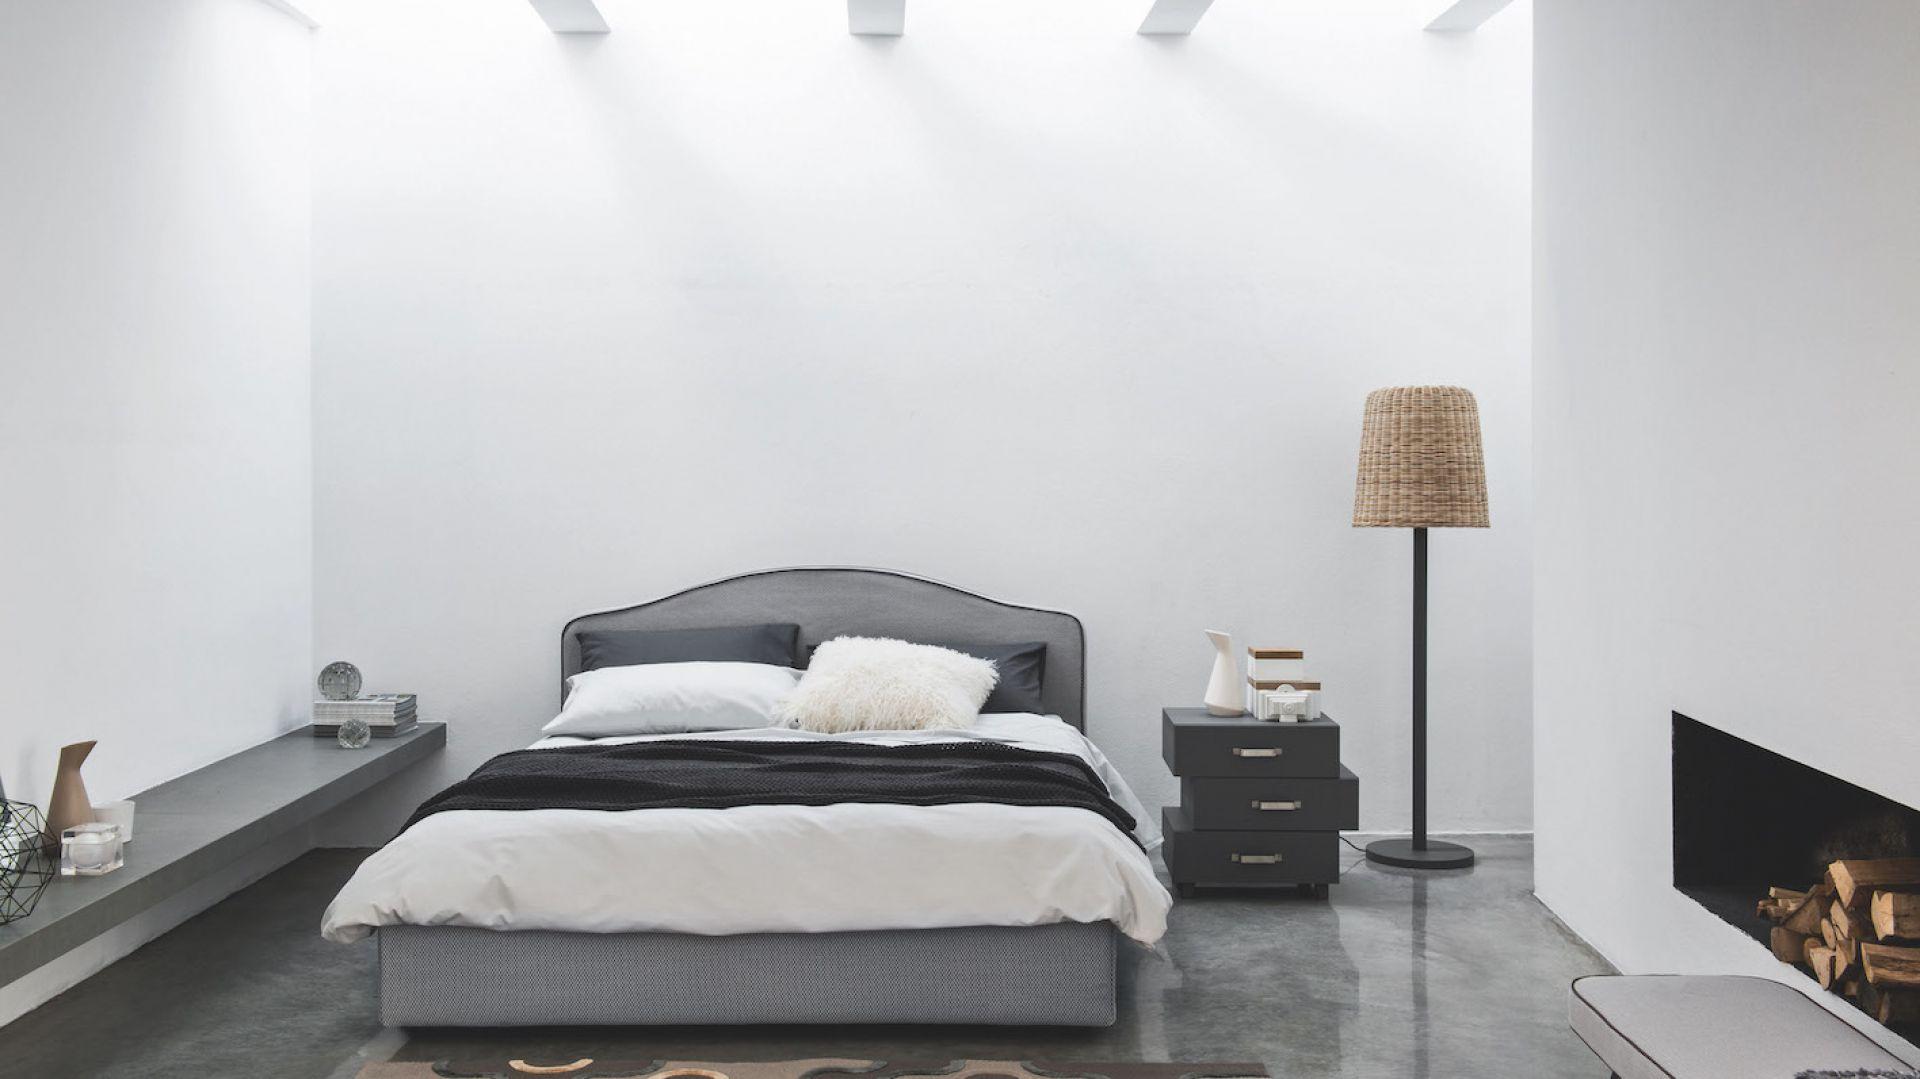 Nowa kolekcja łóżek marki Gervasoni. Fot. Mood-Design